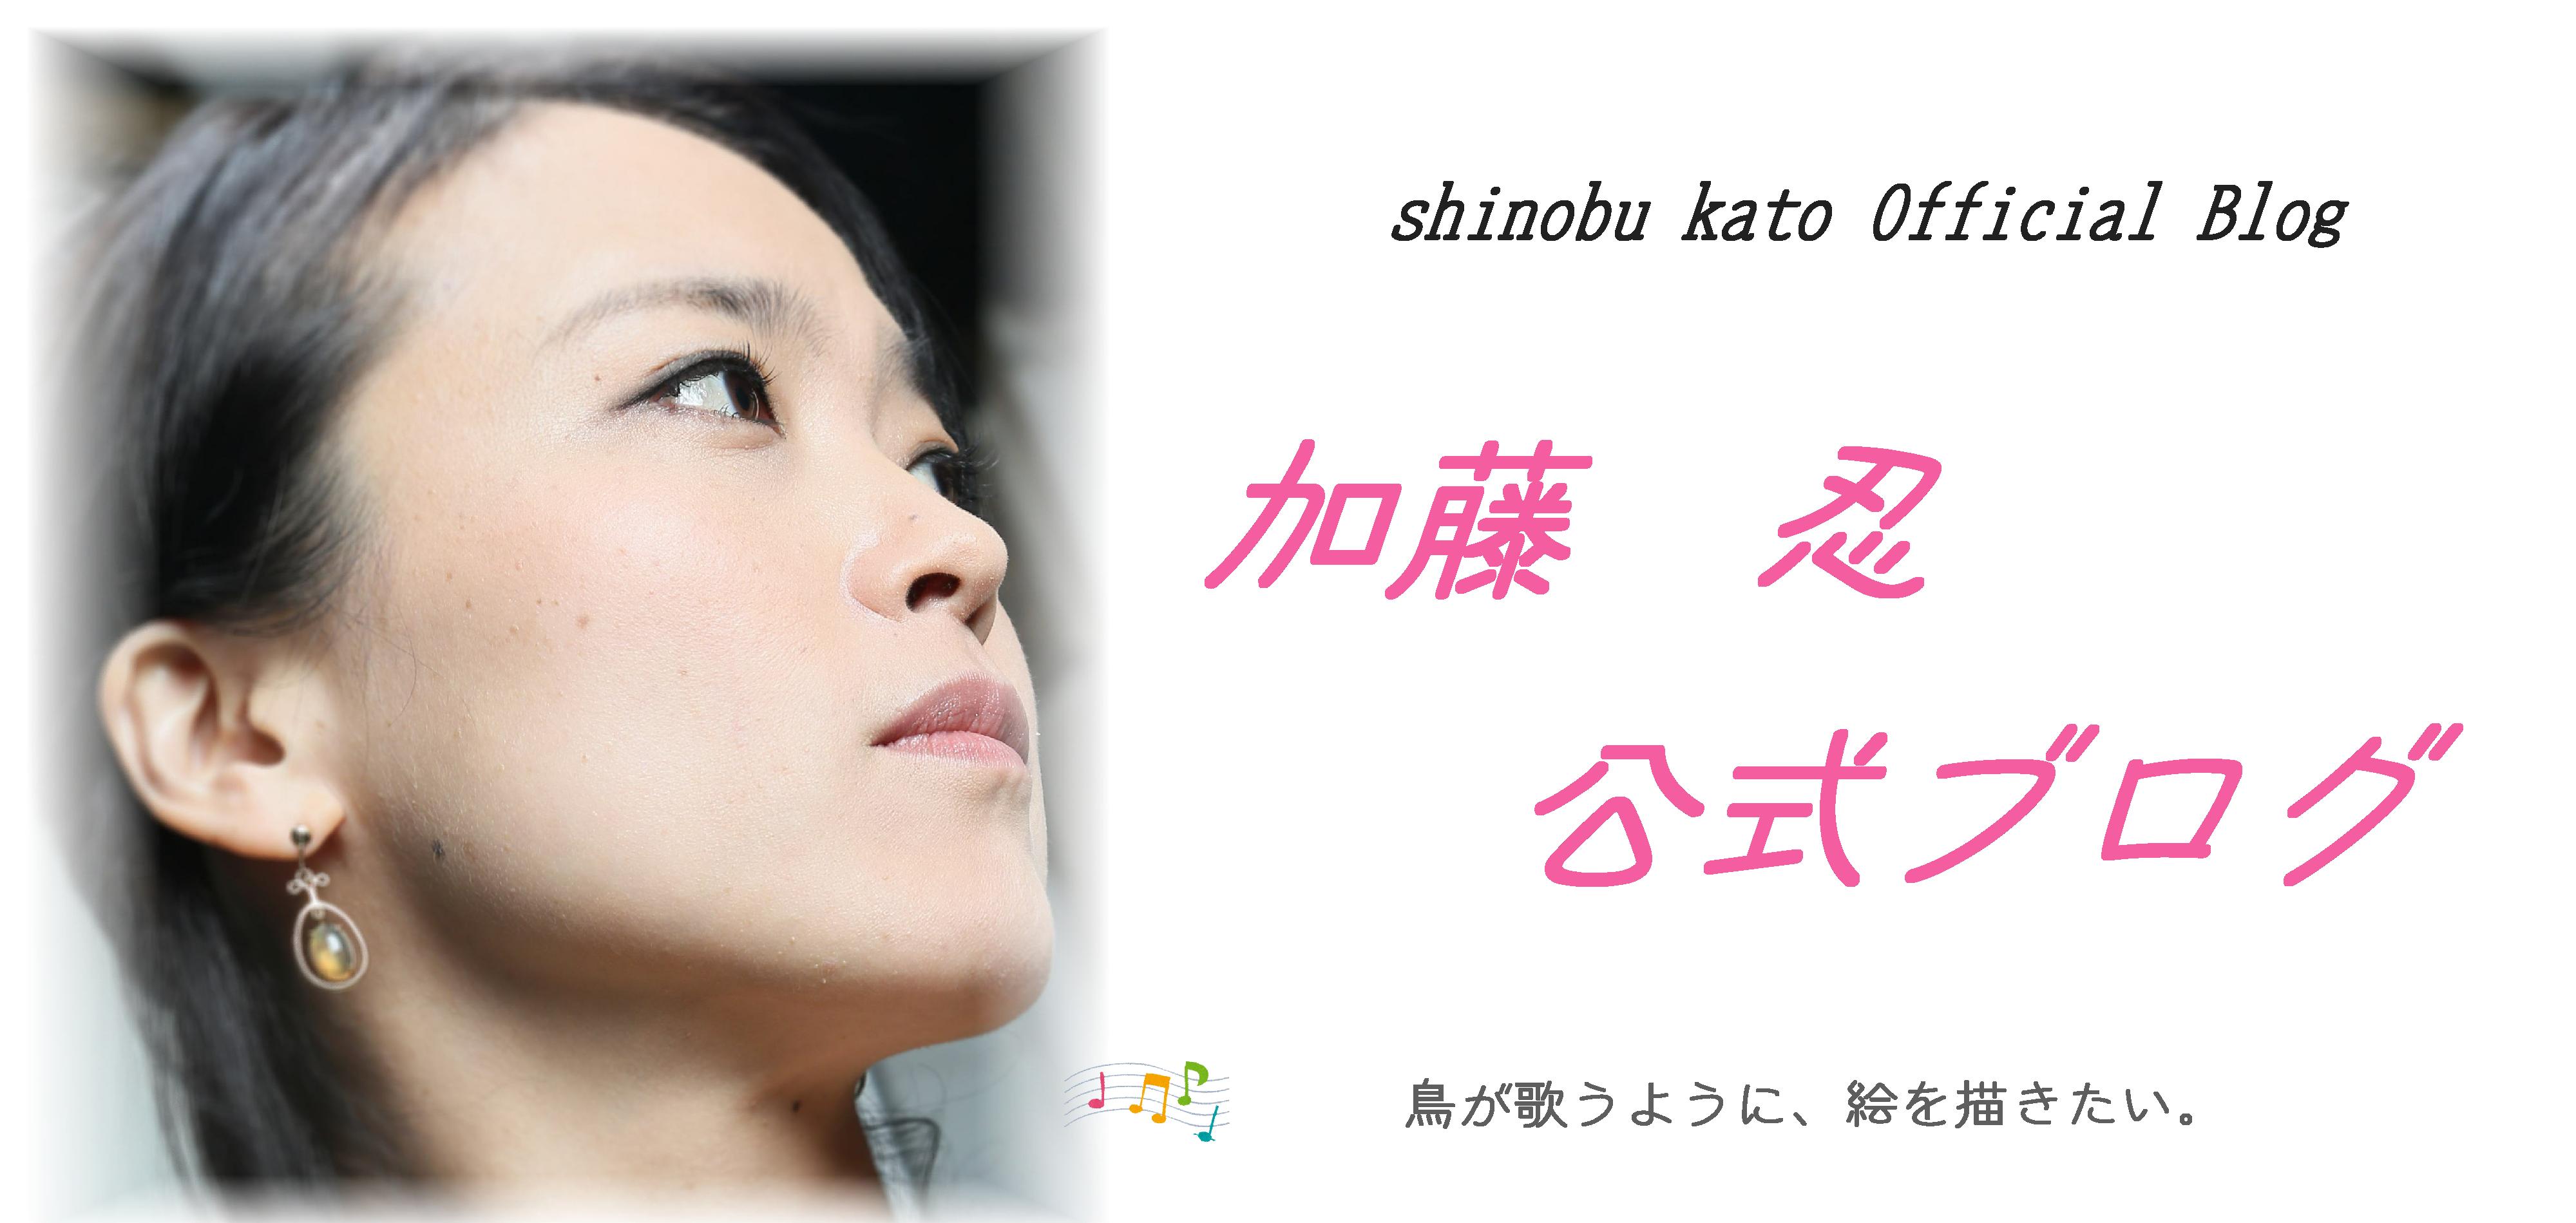 加藤忍 公式ブログ 01a.png